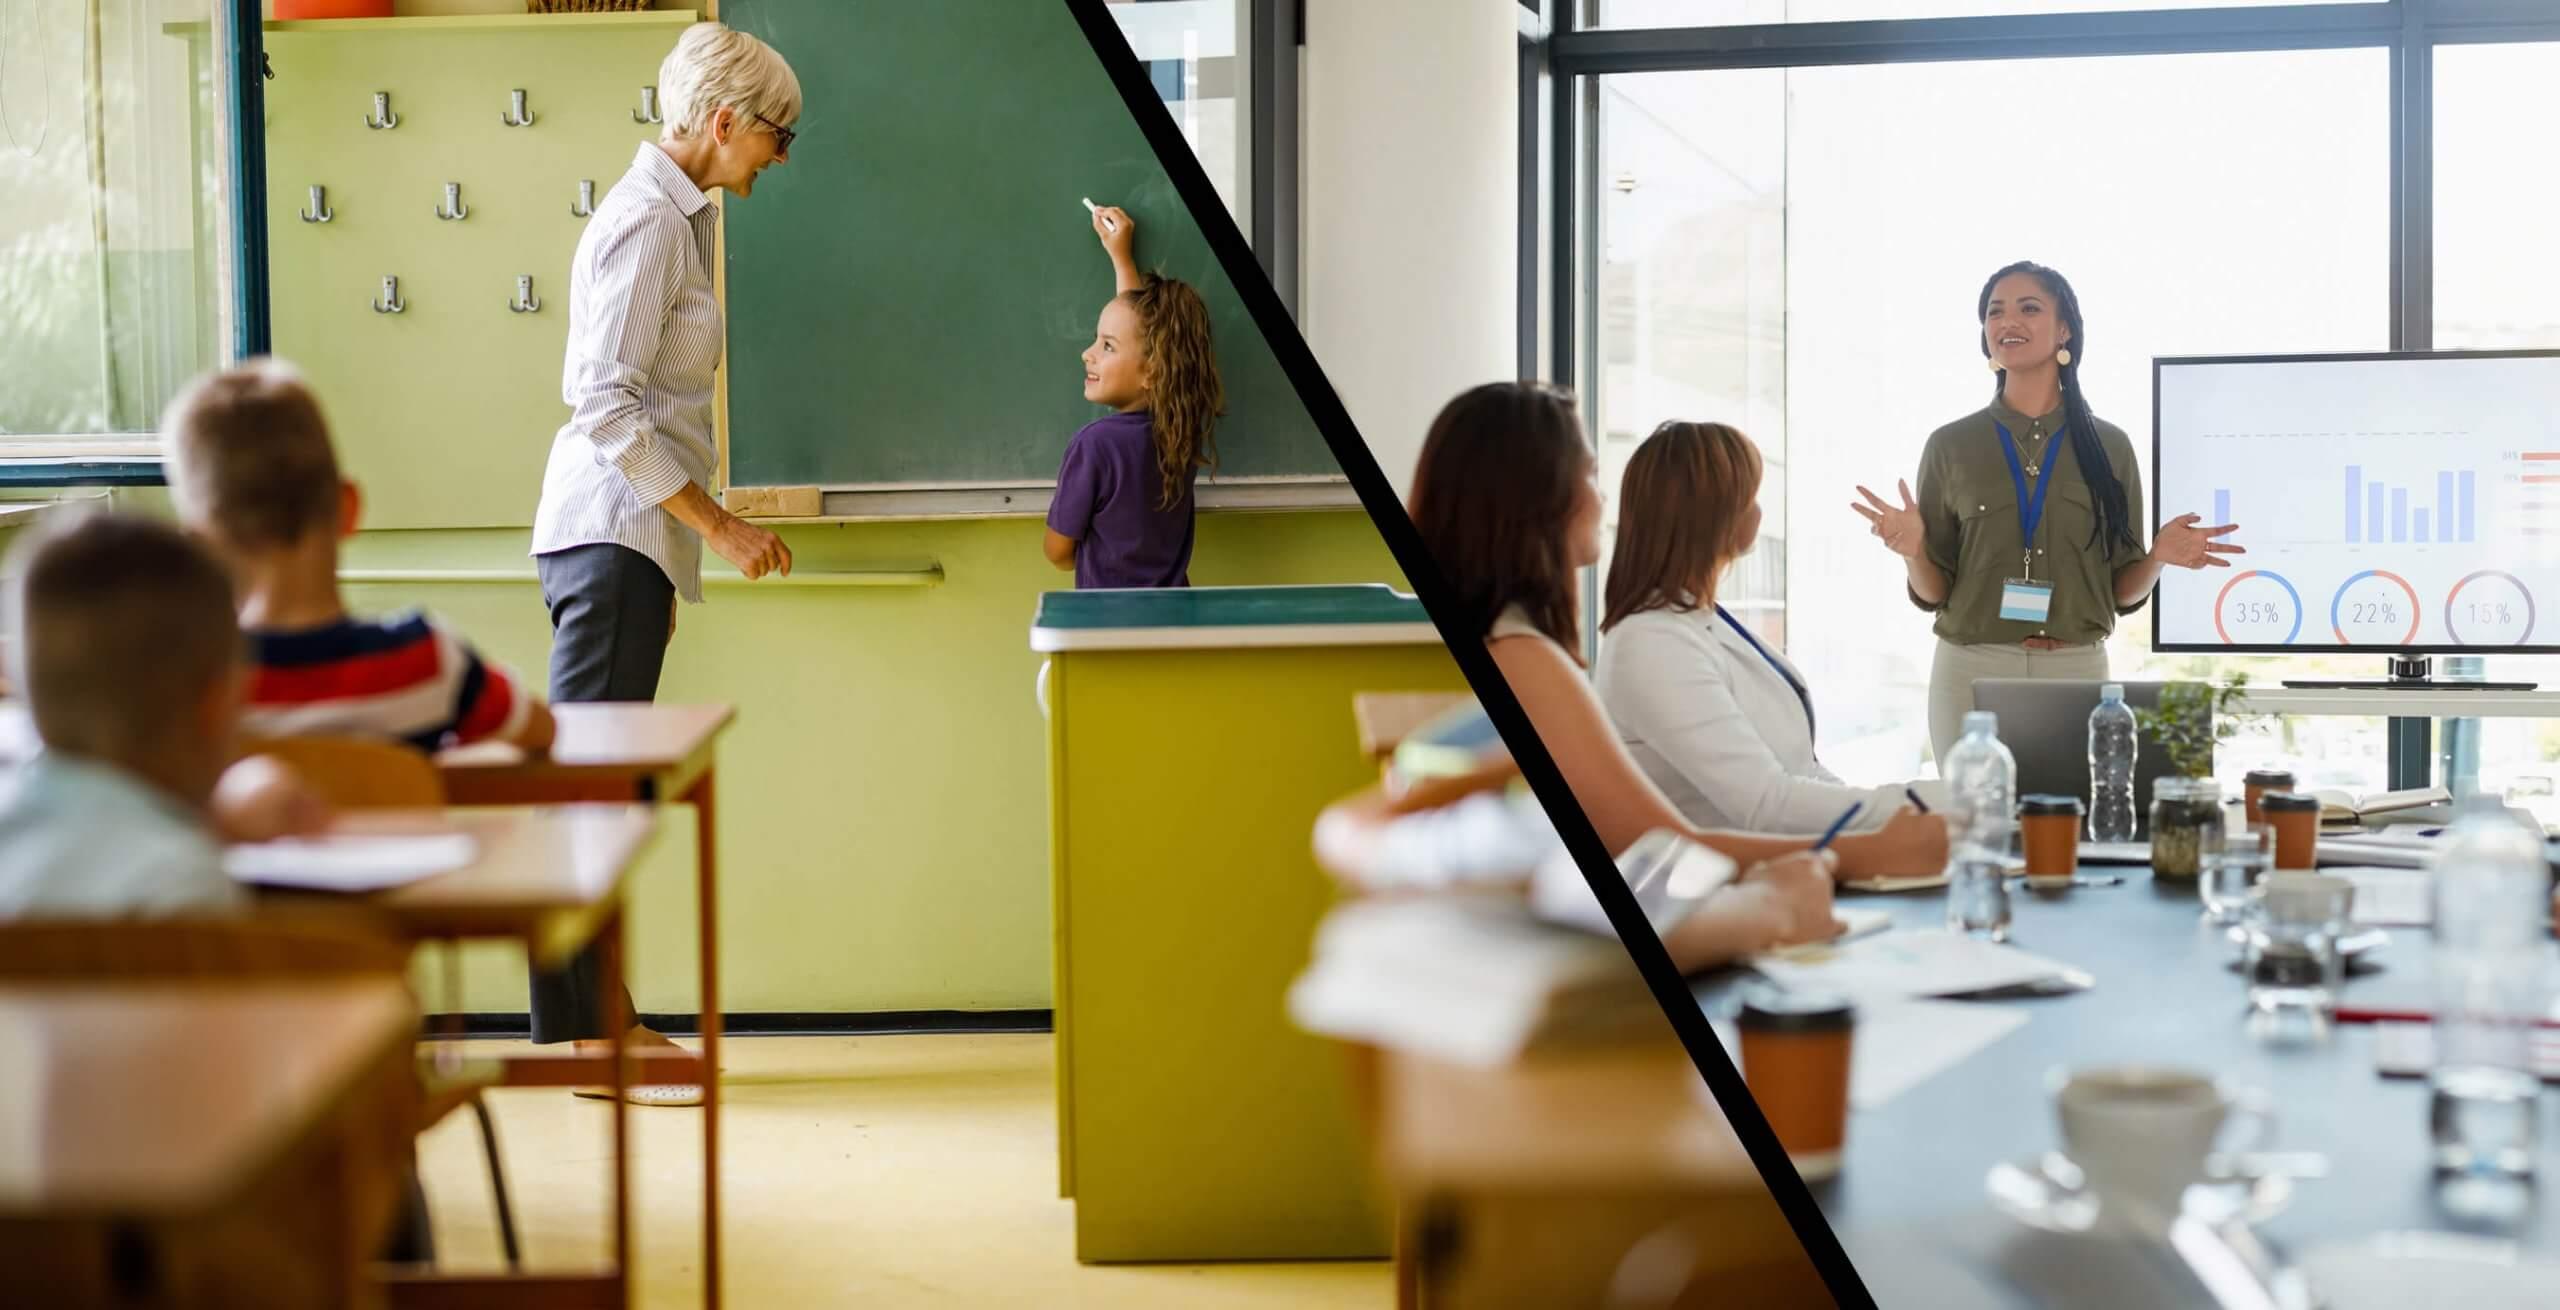 מה הקשר בין העבודה שלך לבית הספר?